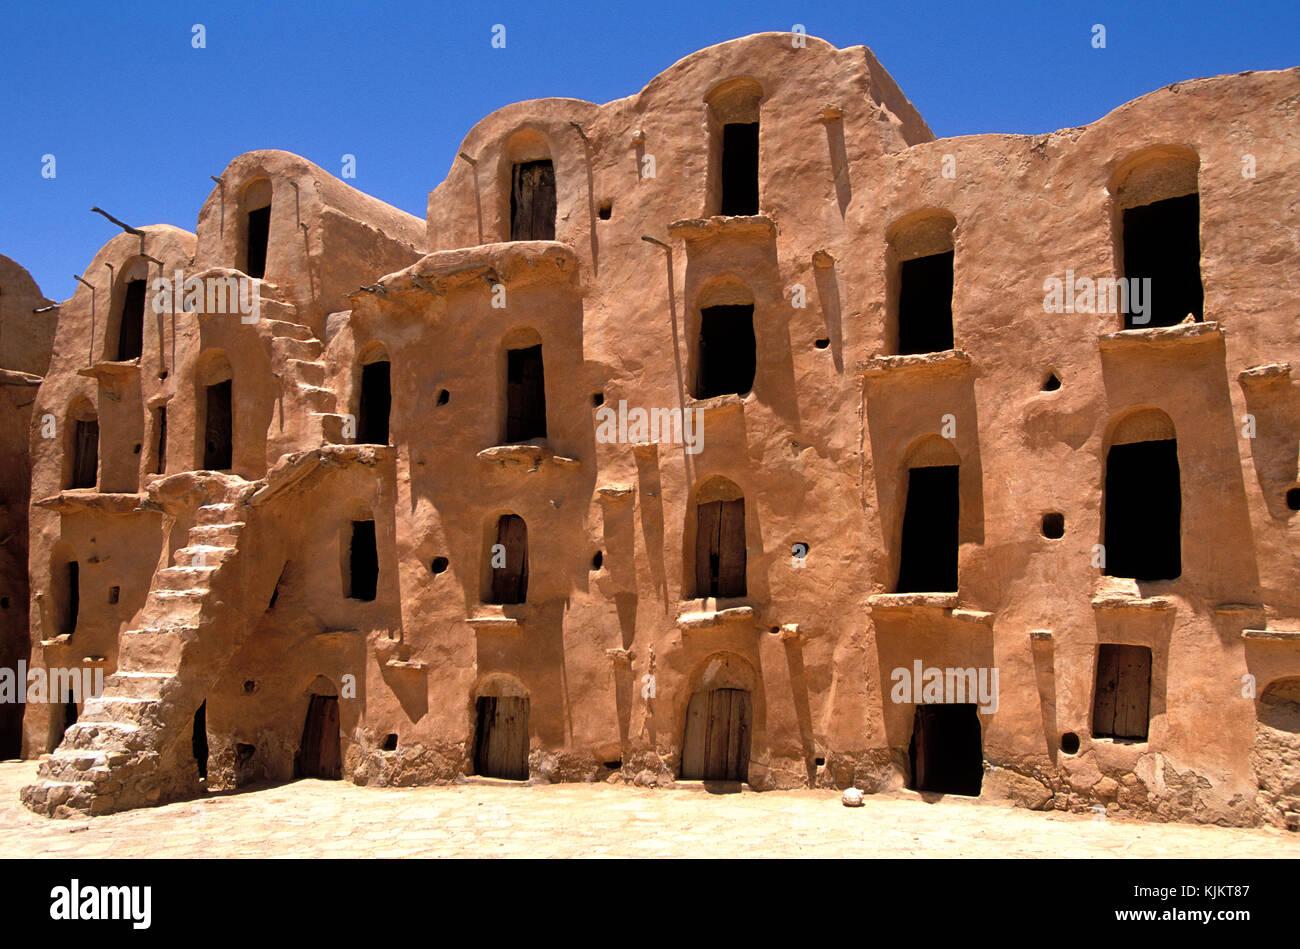 Ksar Ouled Soltane storehouses (Ghorfas). Tunisia. Stock Photo